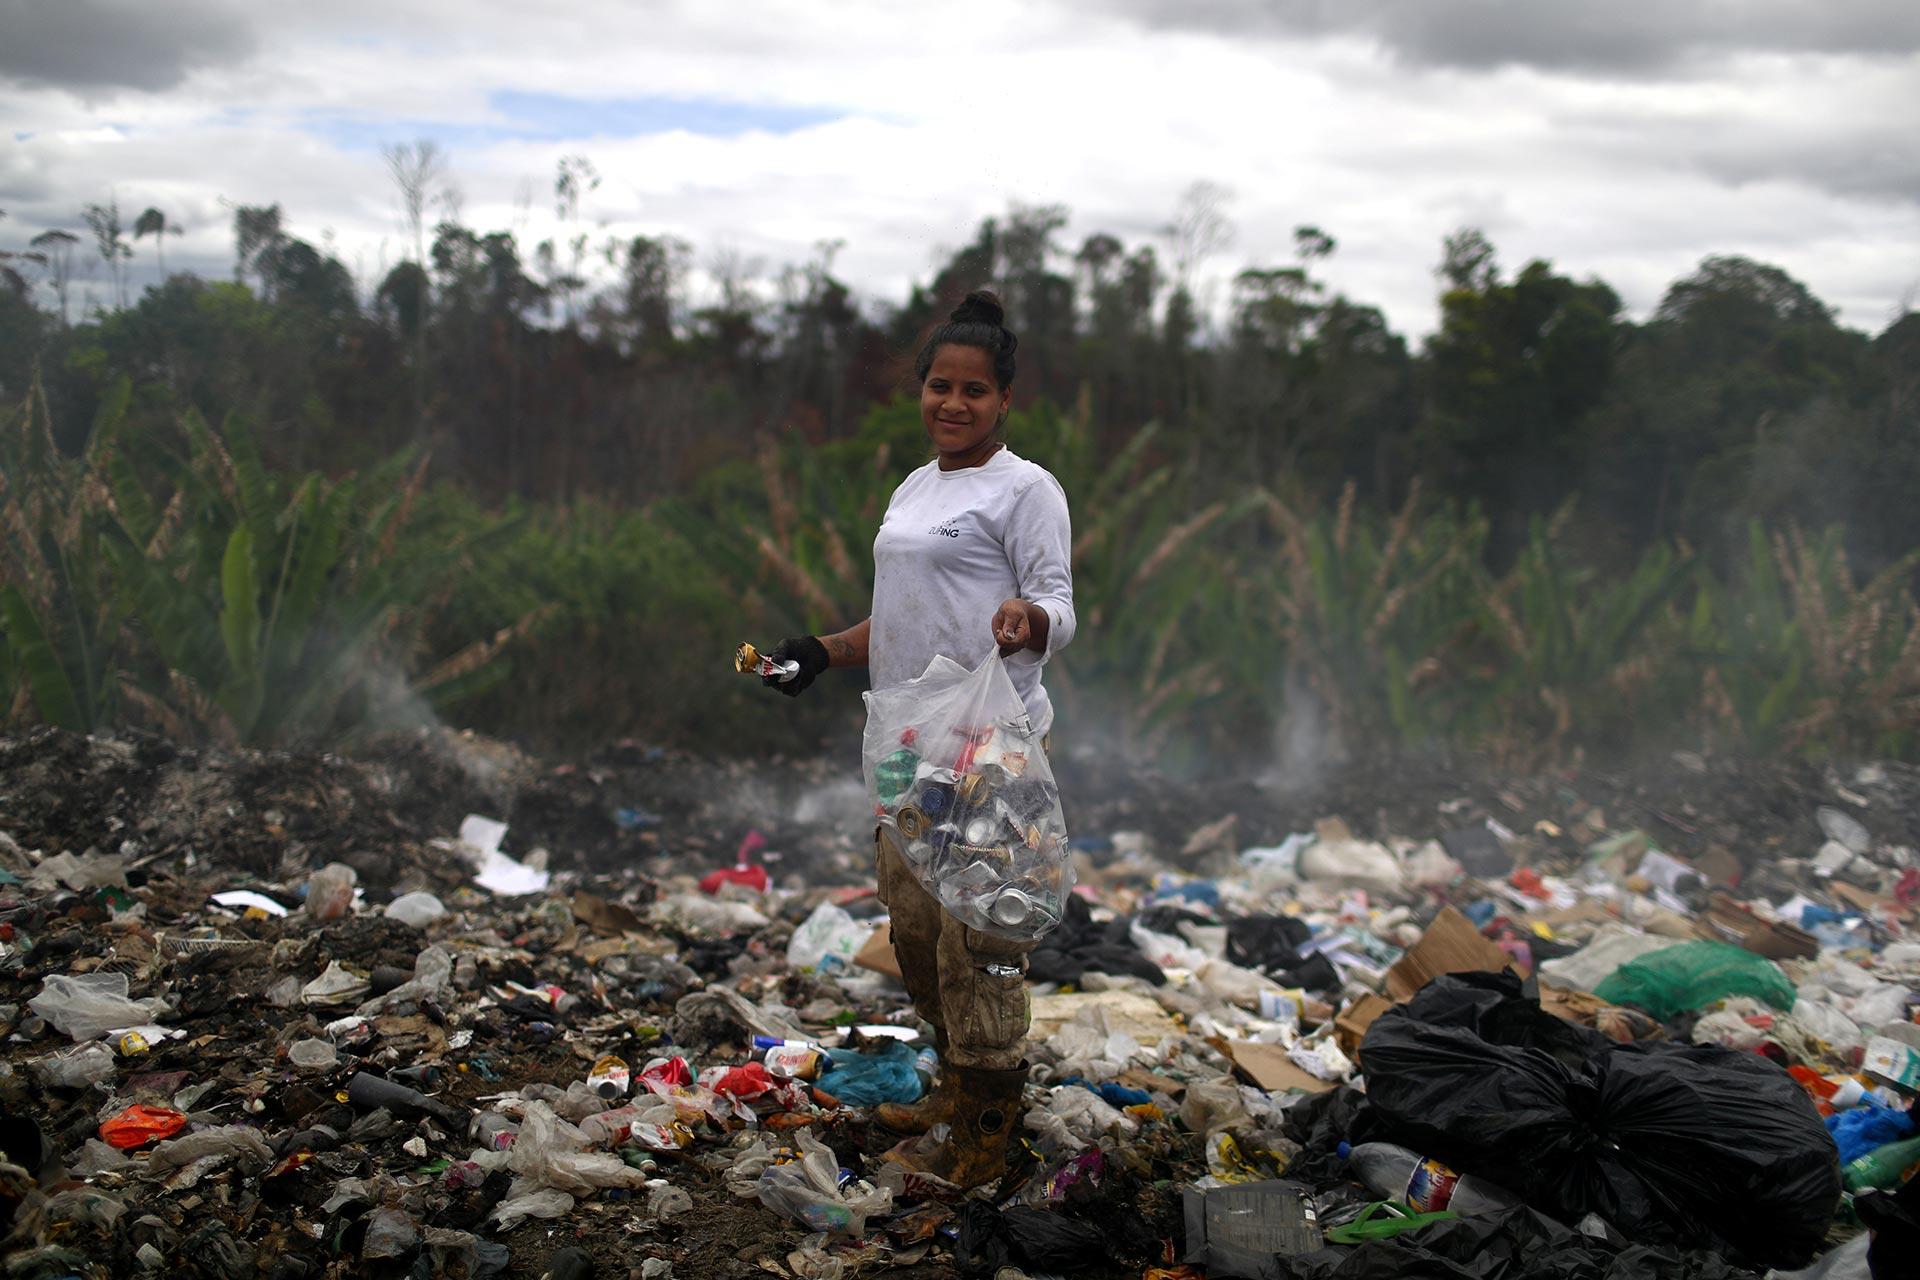 Dejaron Venezuela desesperados por la crítica situación (REUTERS/Pilar Olivares)